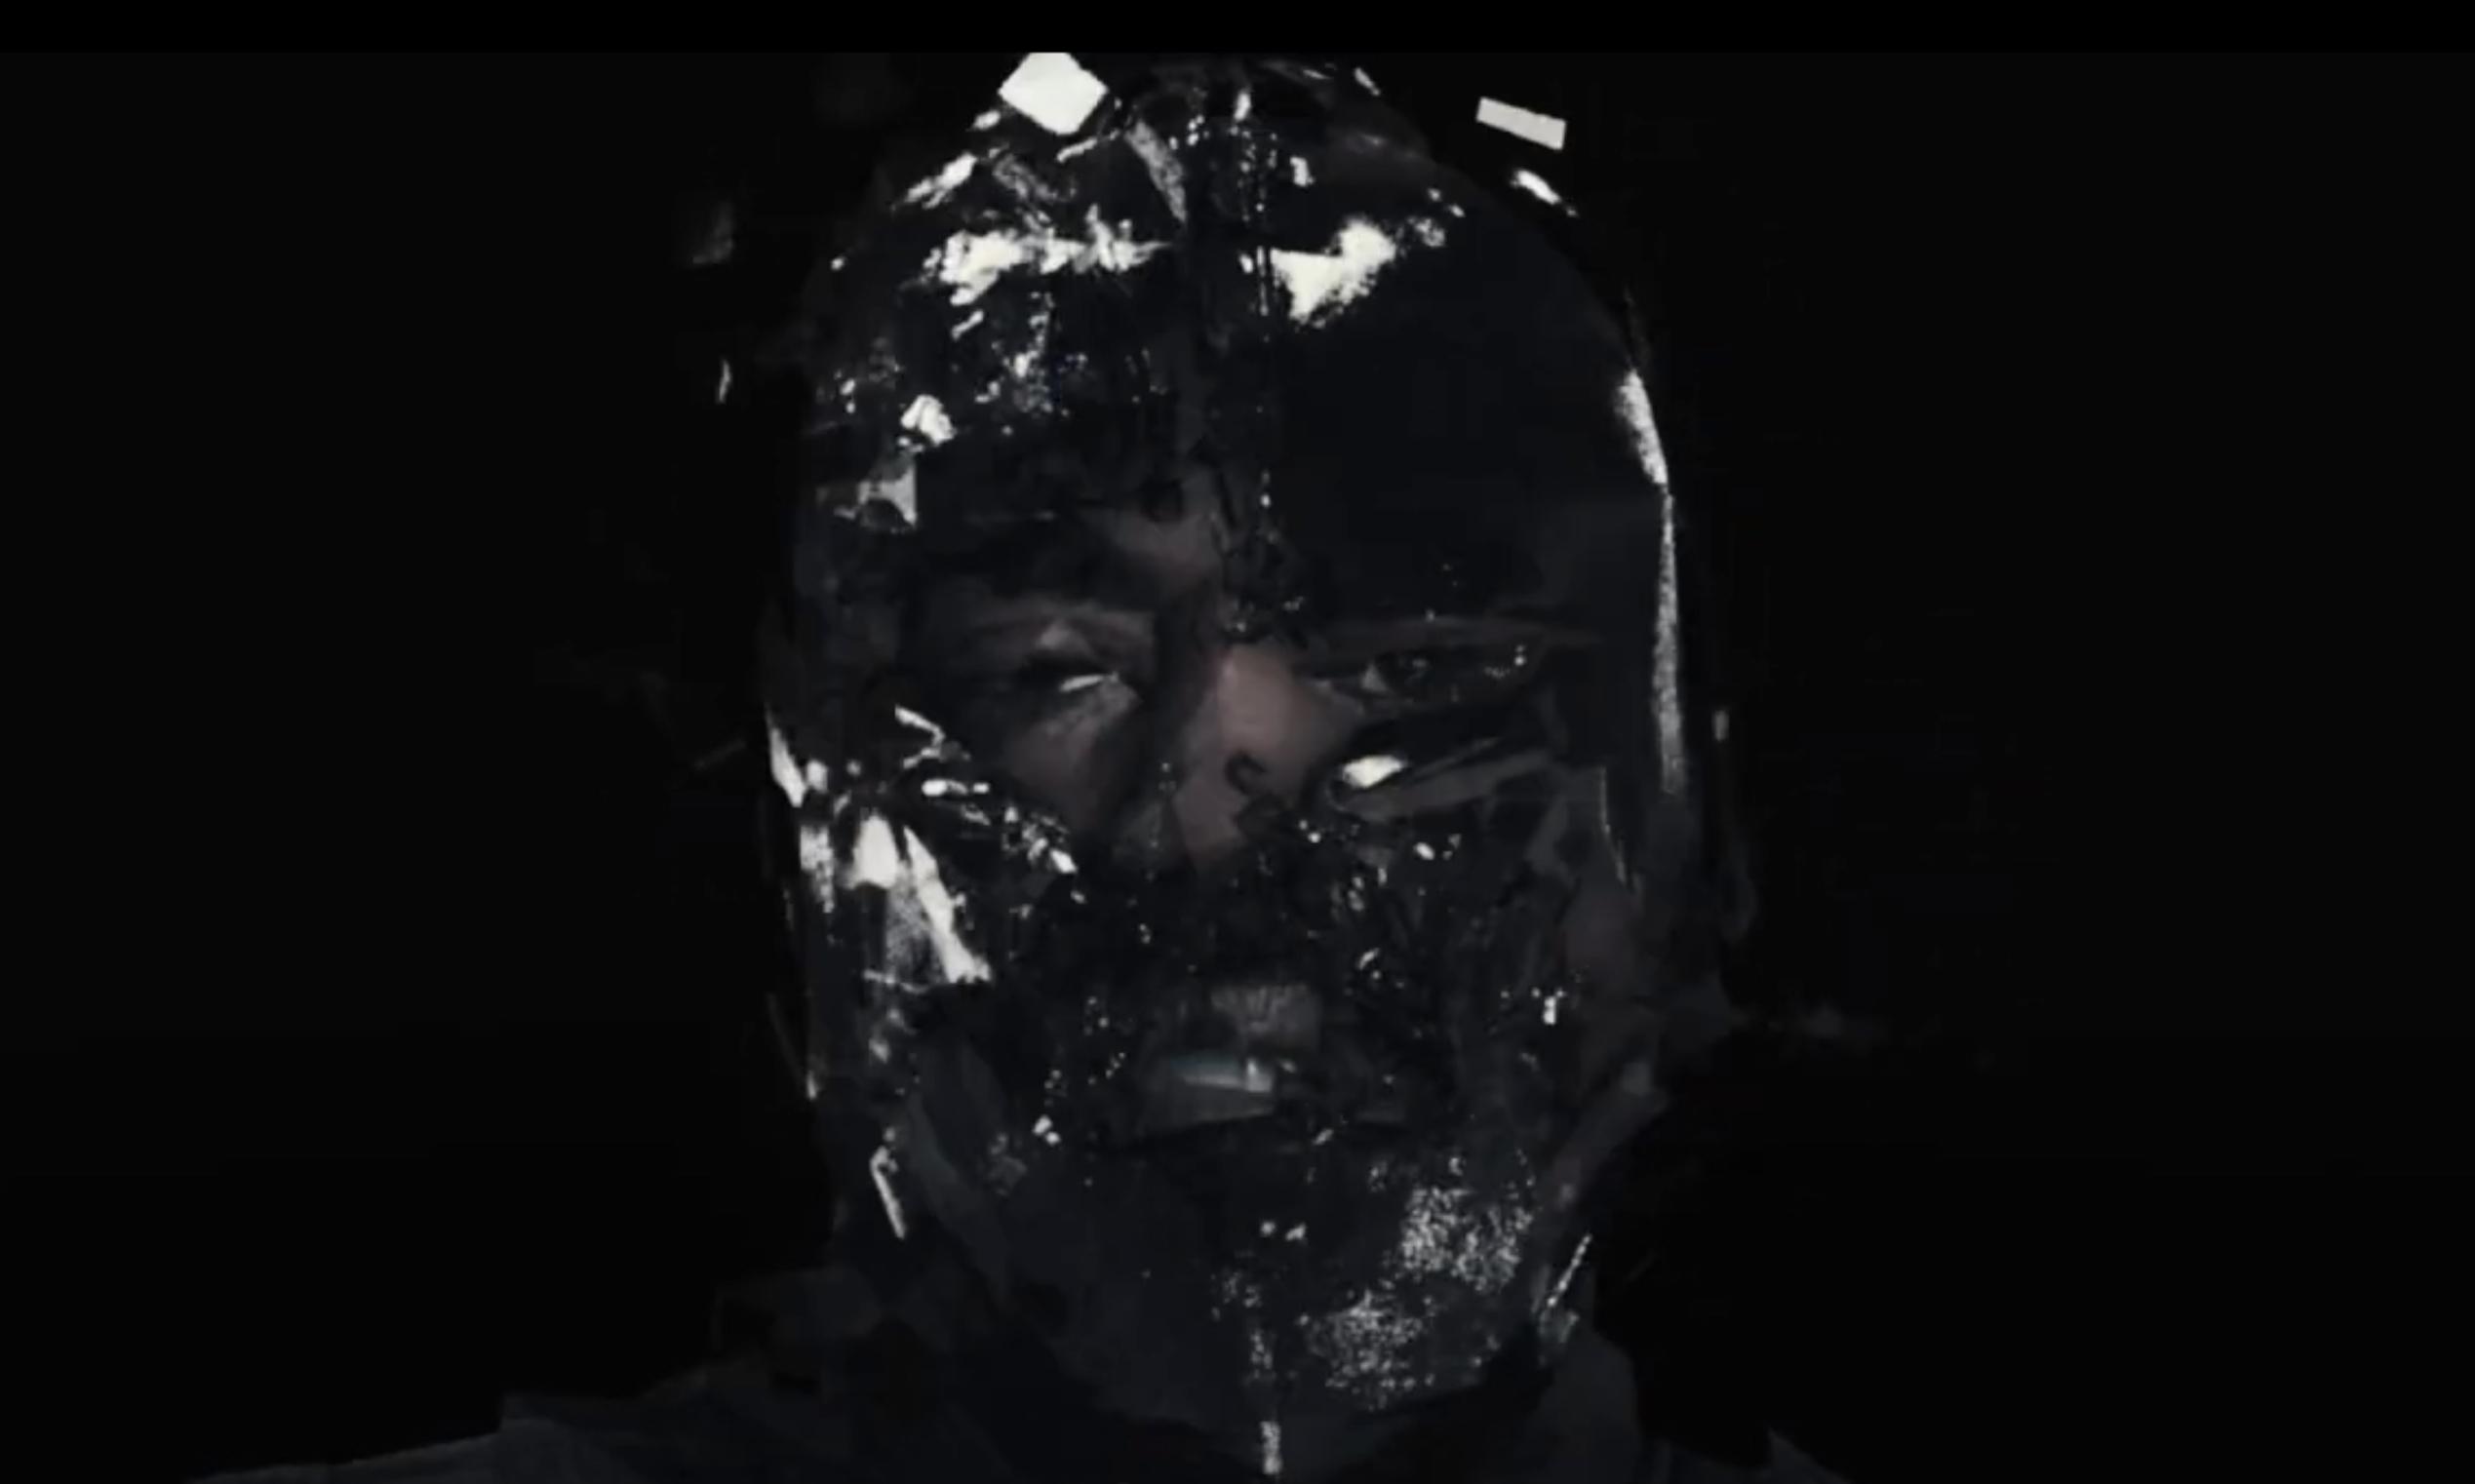 携手 Travis Scott,Kanye West 新单《Wash Us In The Blood》释出